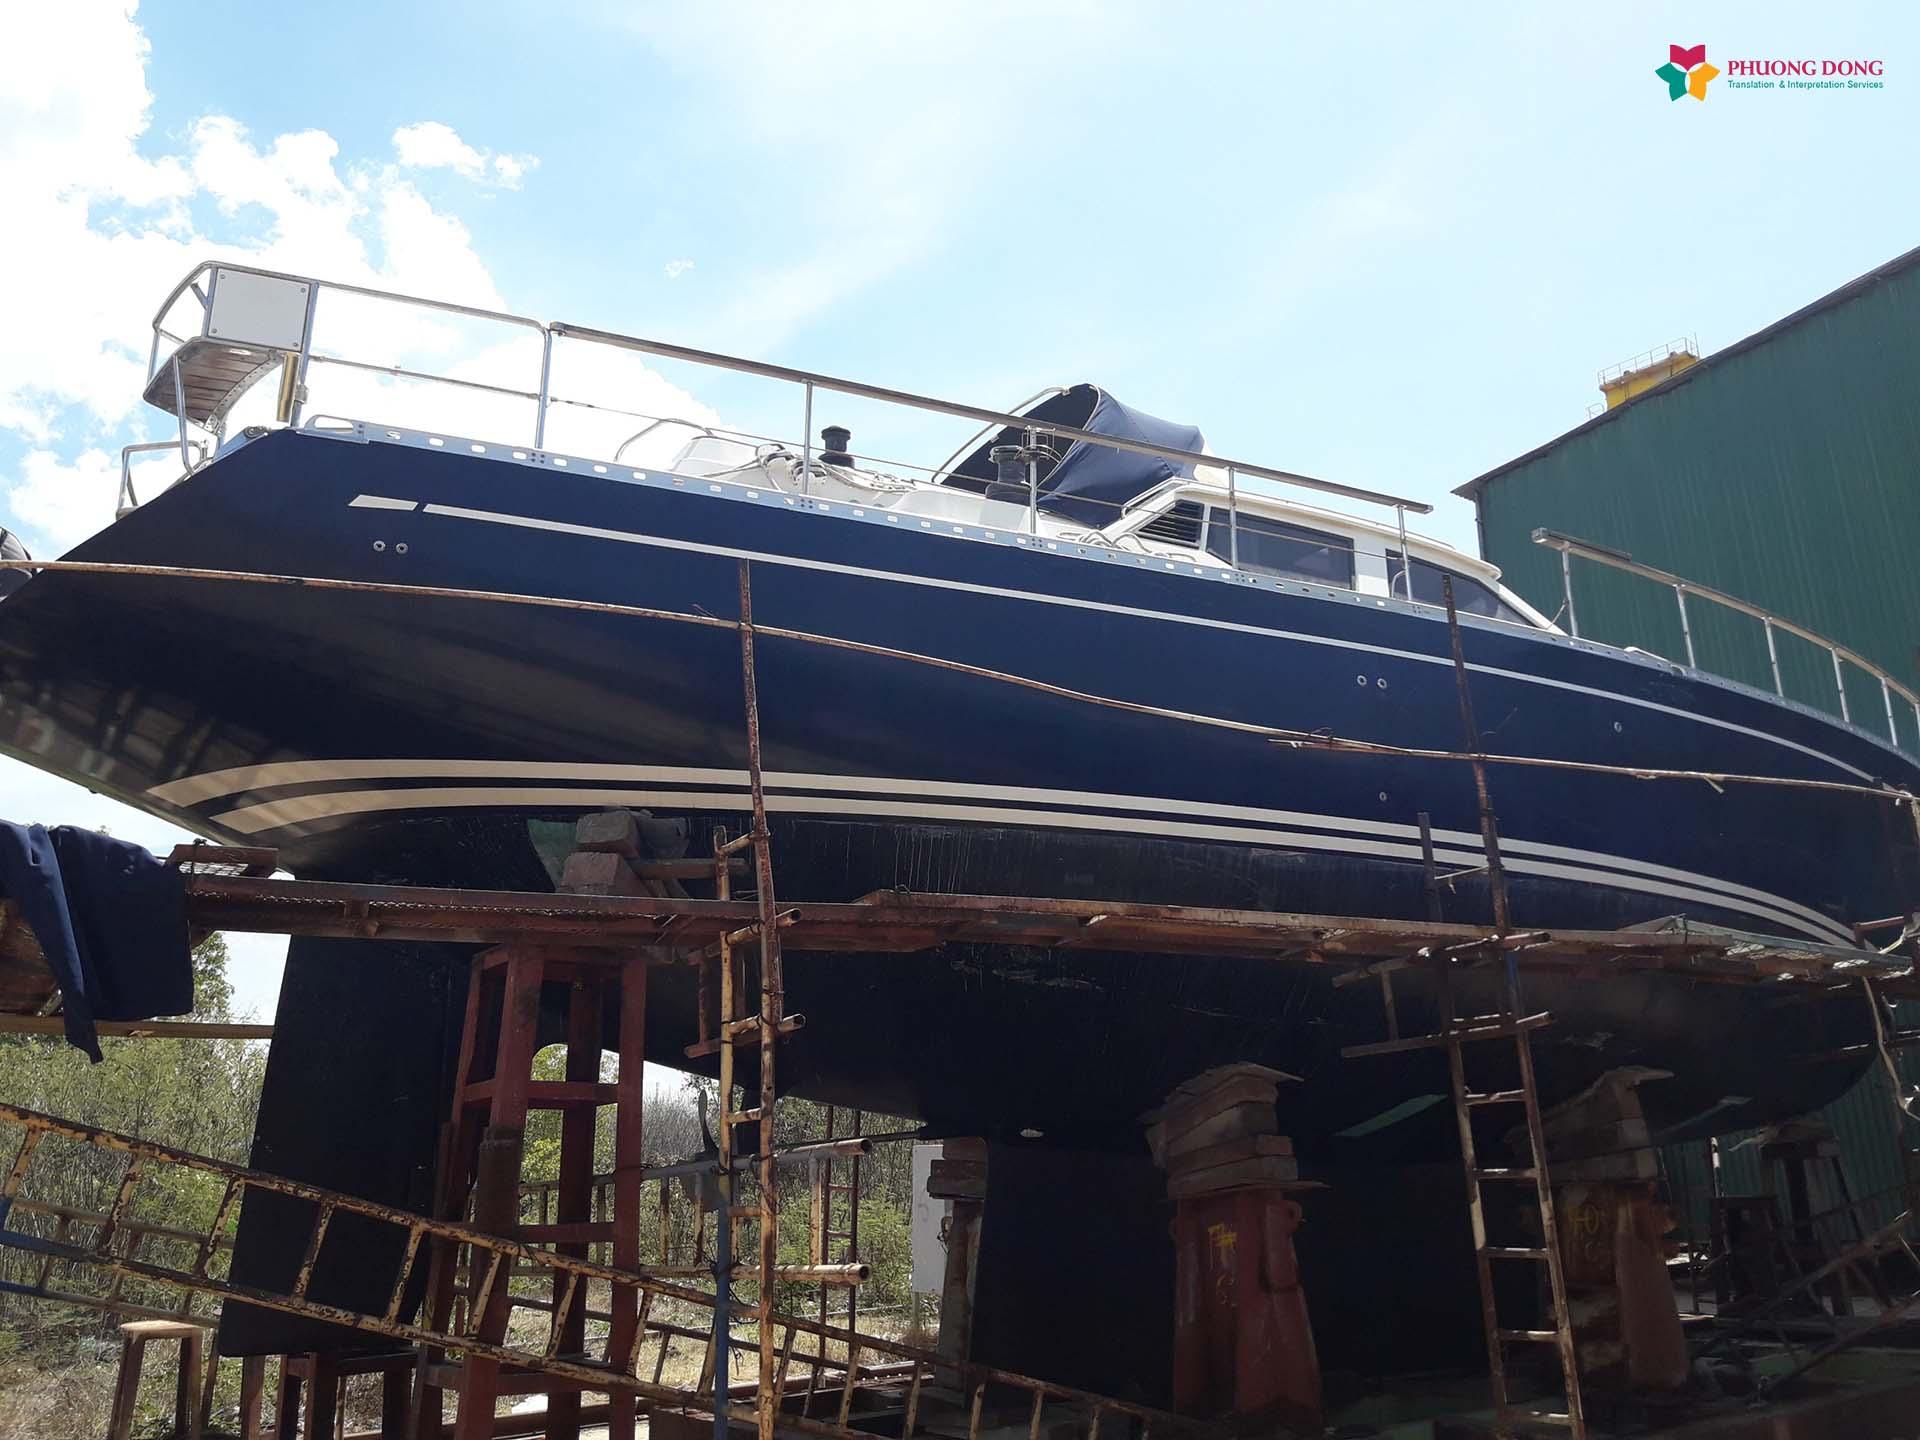 Phiên dịch tiếng Anh về du thuyền tại Cam Ranh - Khánh Hòa 5